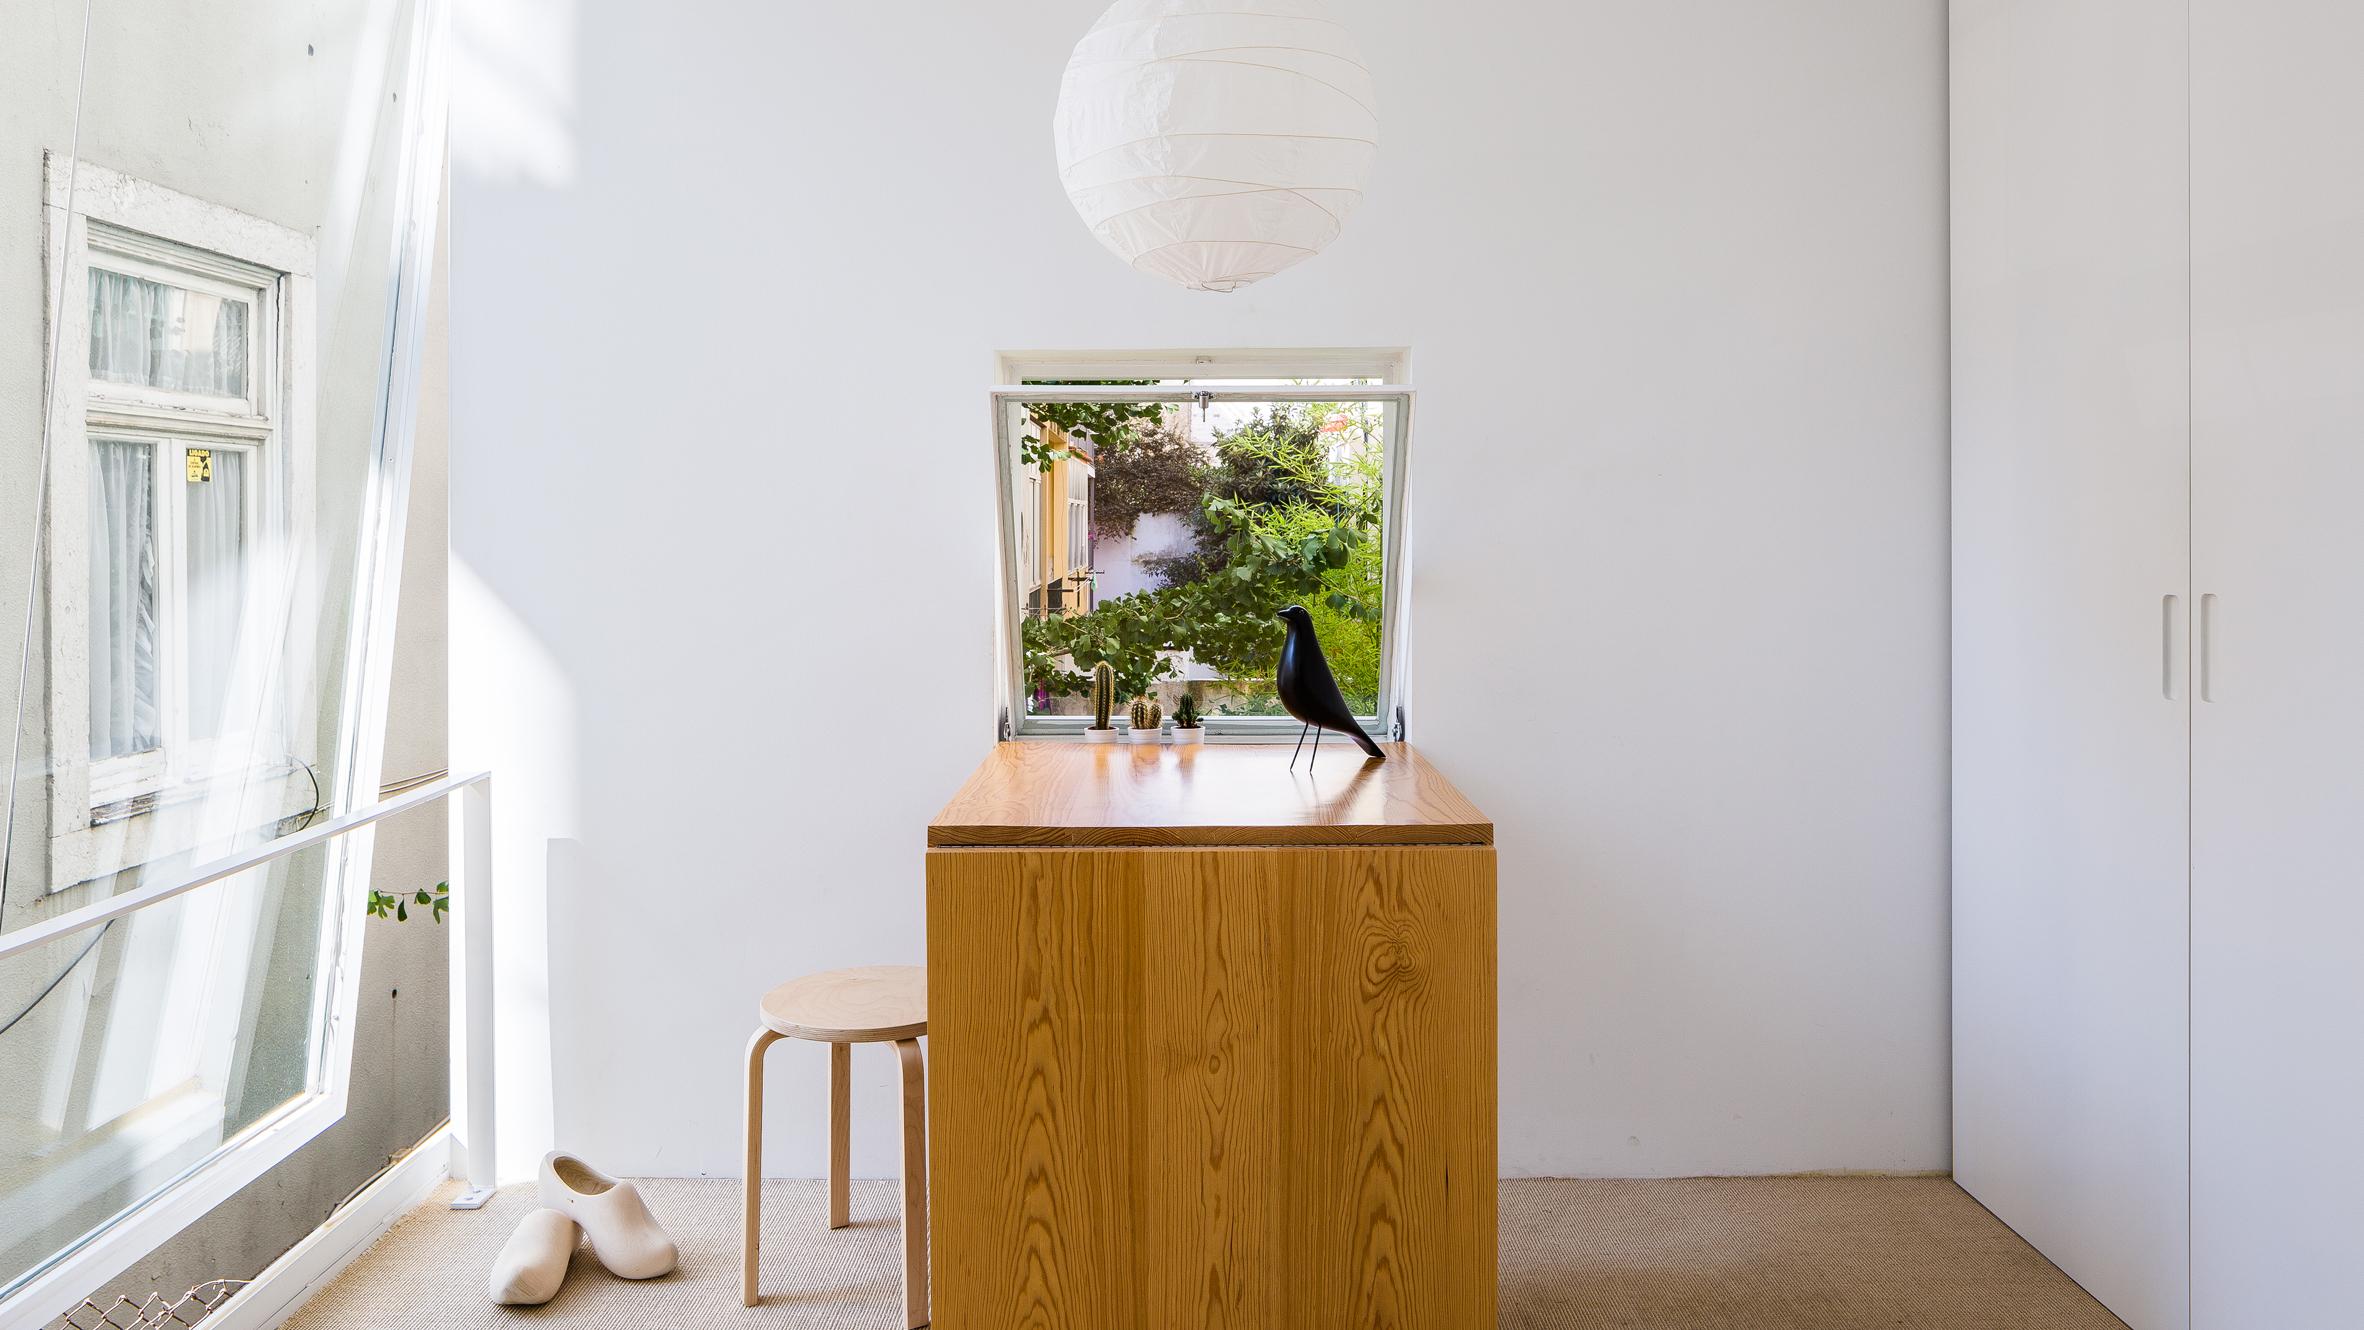 a-room-at-estrella-lisbon-portugal-apartments-interiors-residential_dezeen_herob